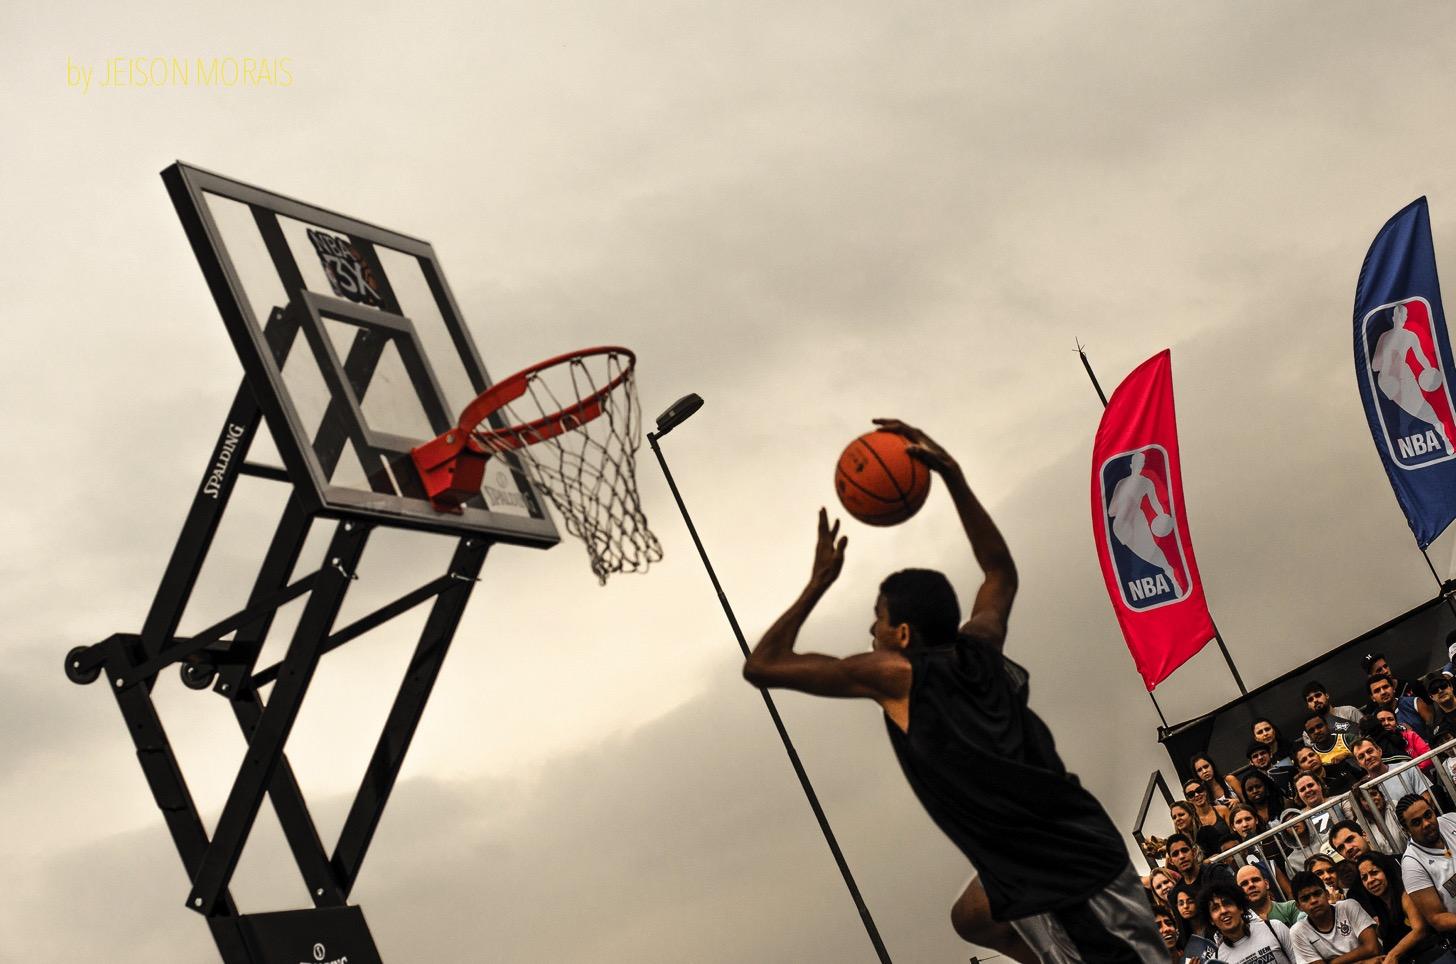 バスケットボール(バスケ)